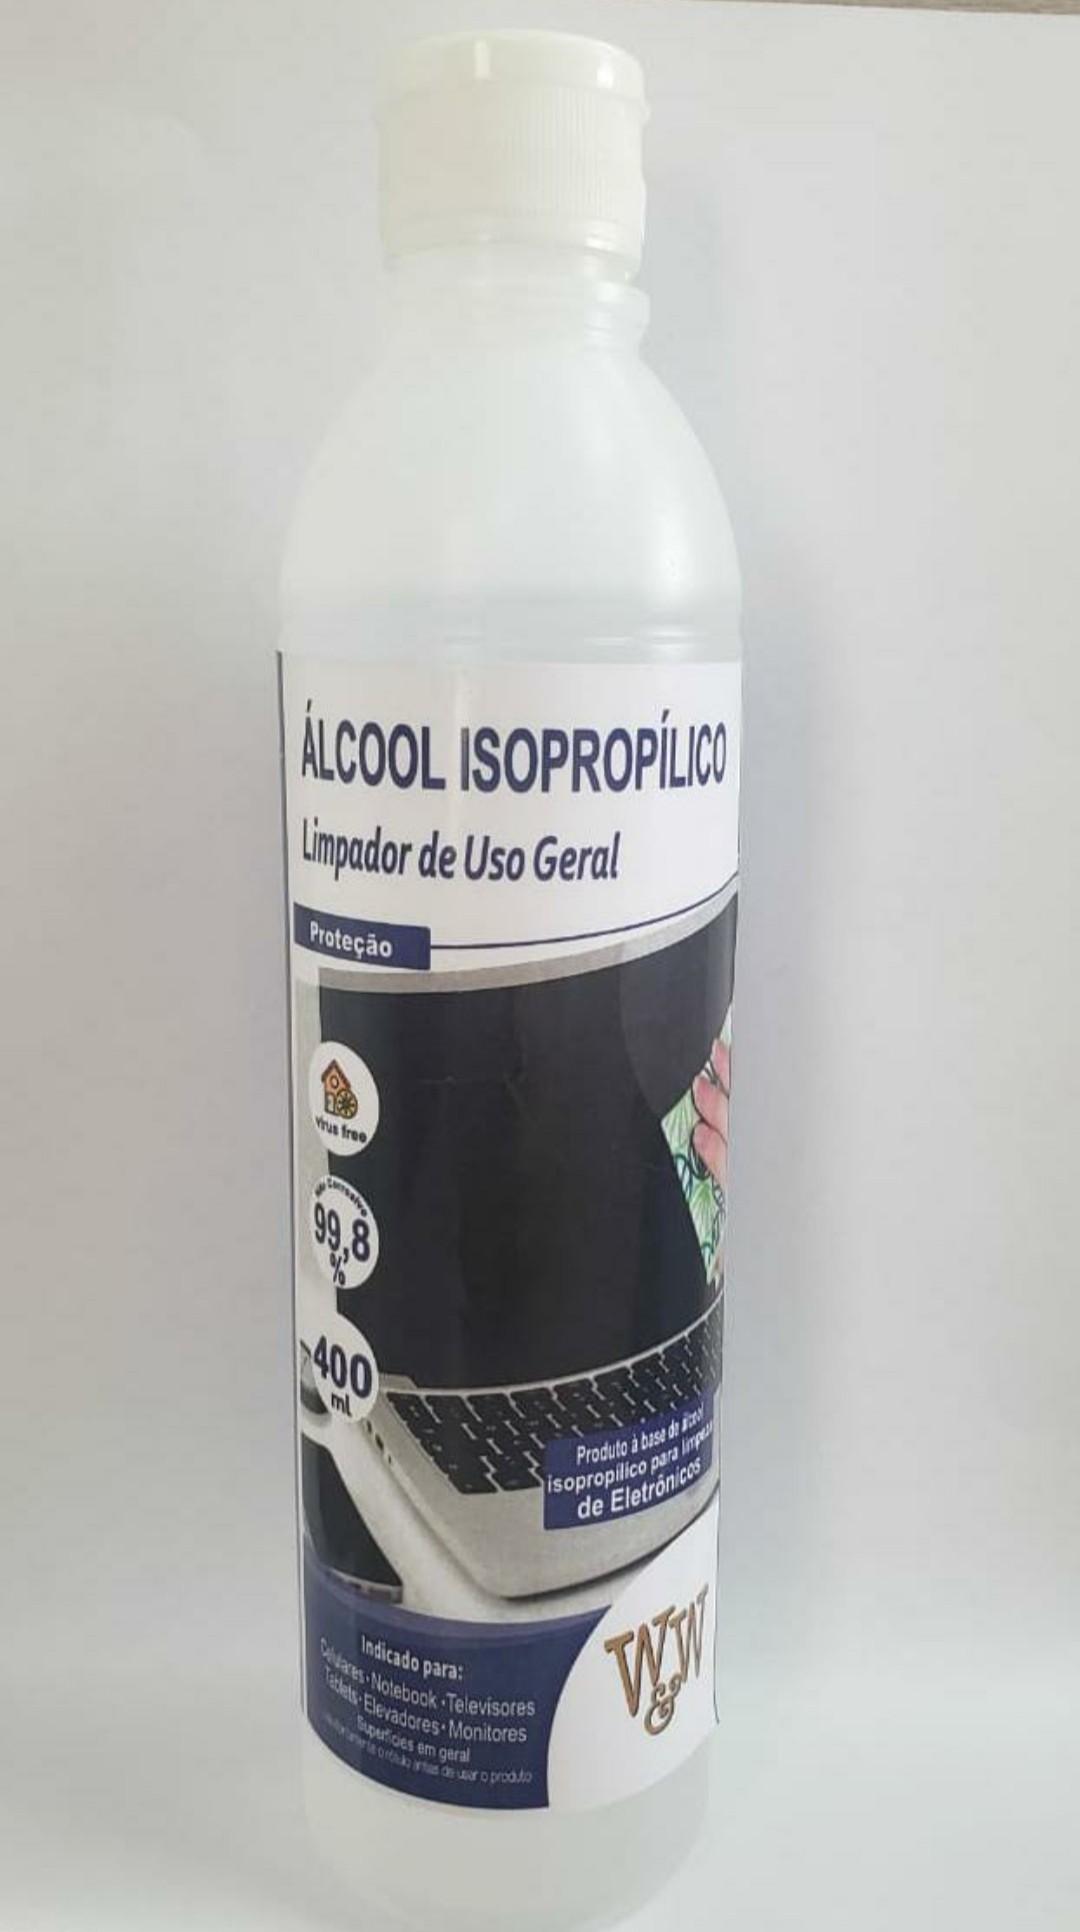 ALCOOL LIQ 99,8% ISOPROPILICO 400ML WW